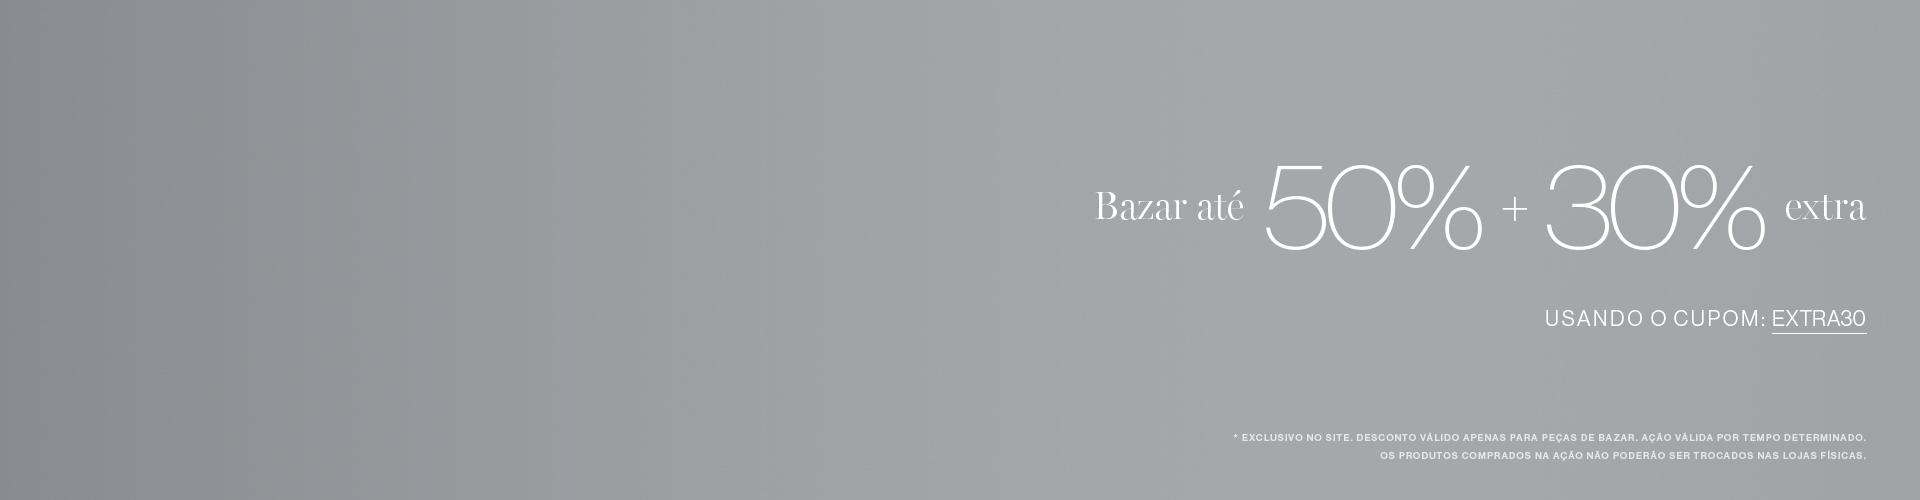 Banner imagem TV